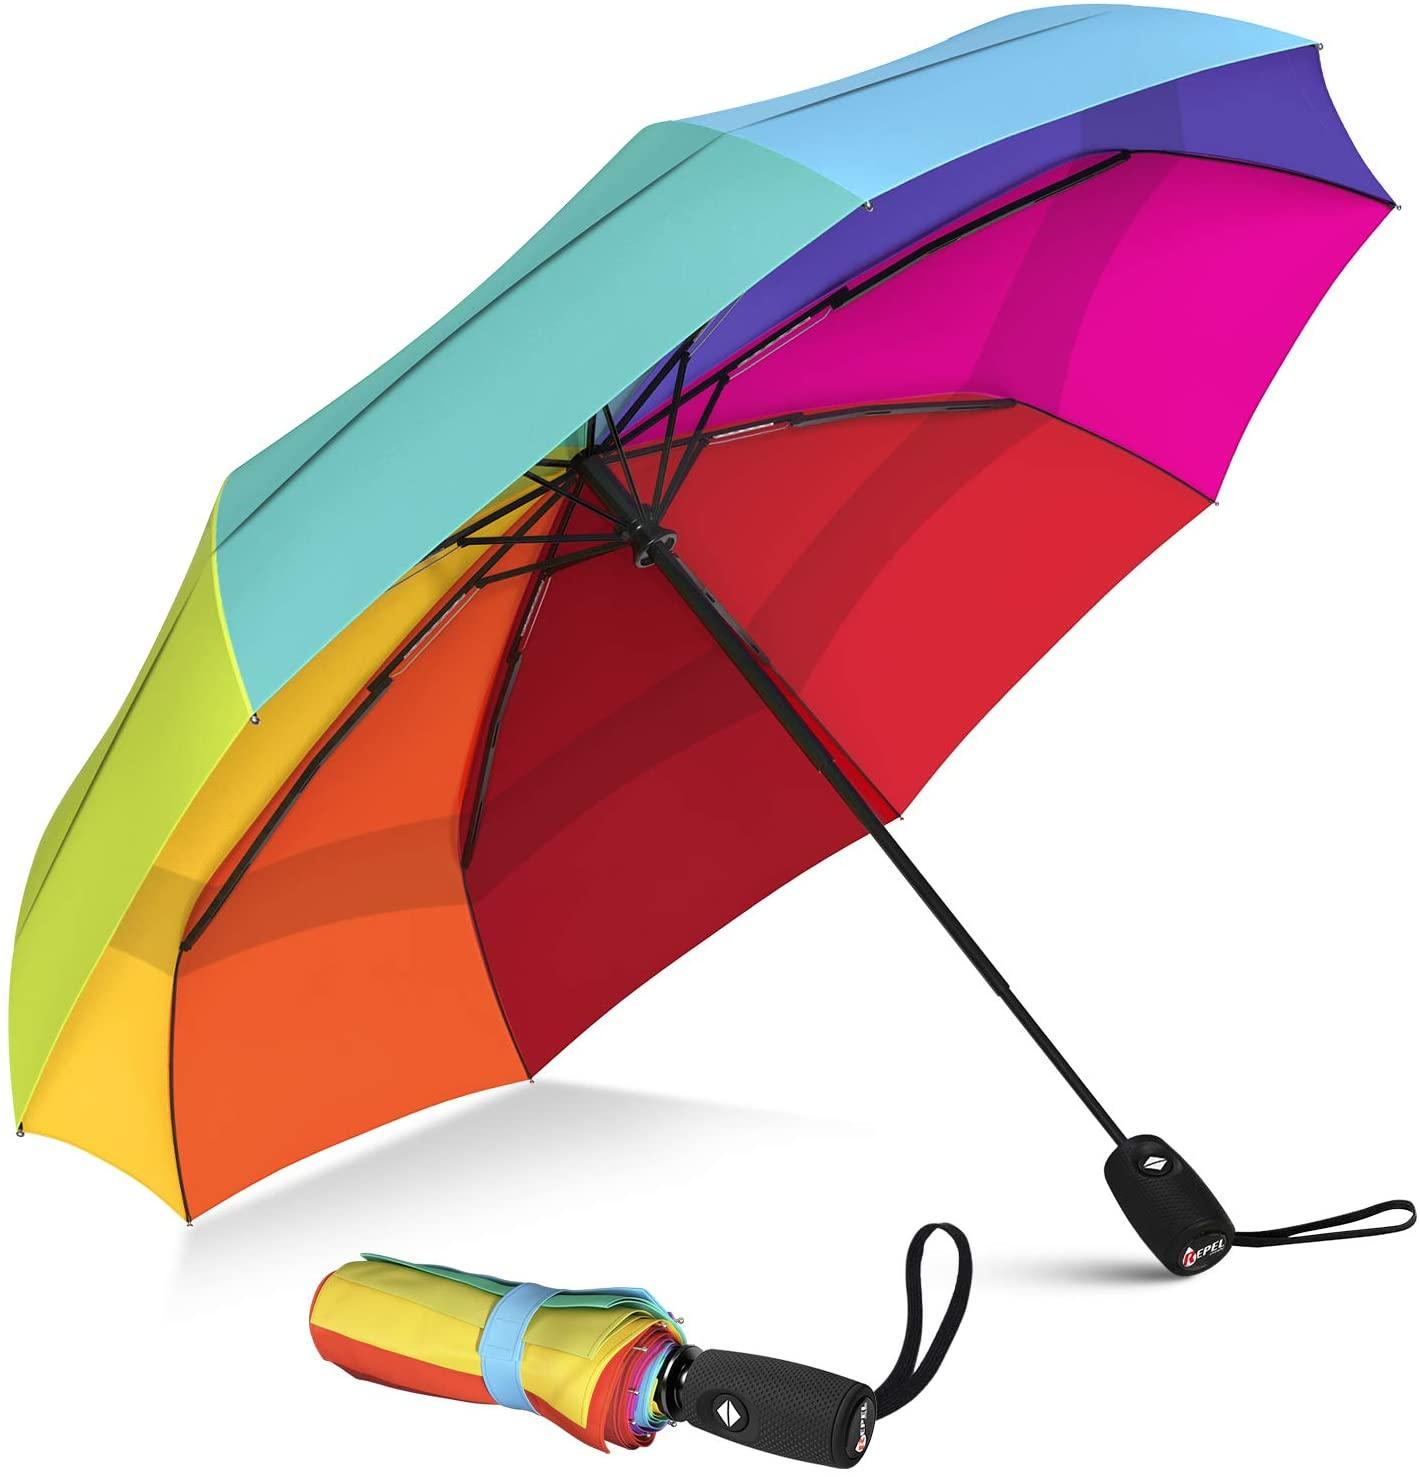 Repel Umbrella Windproof Travel Umbrella with Teflon Coating (Rainbow)